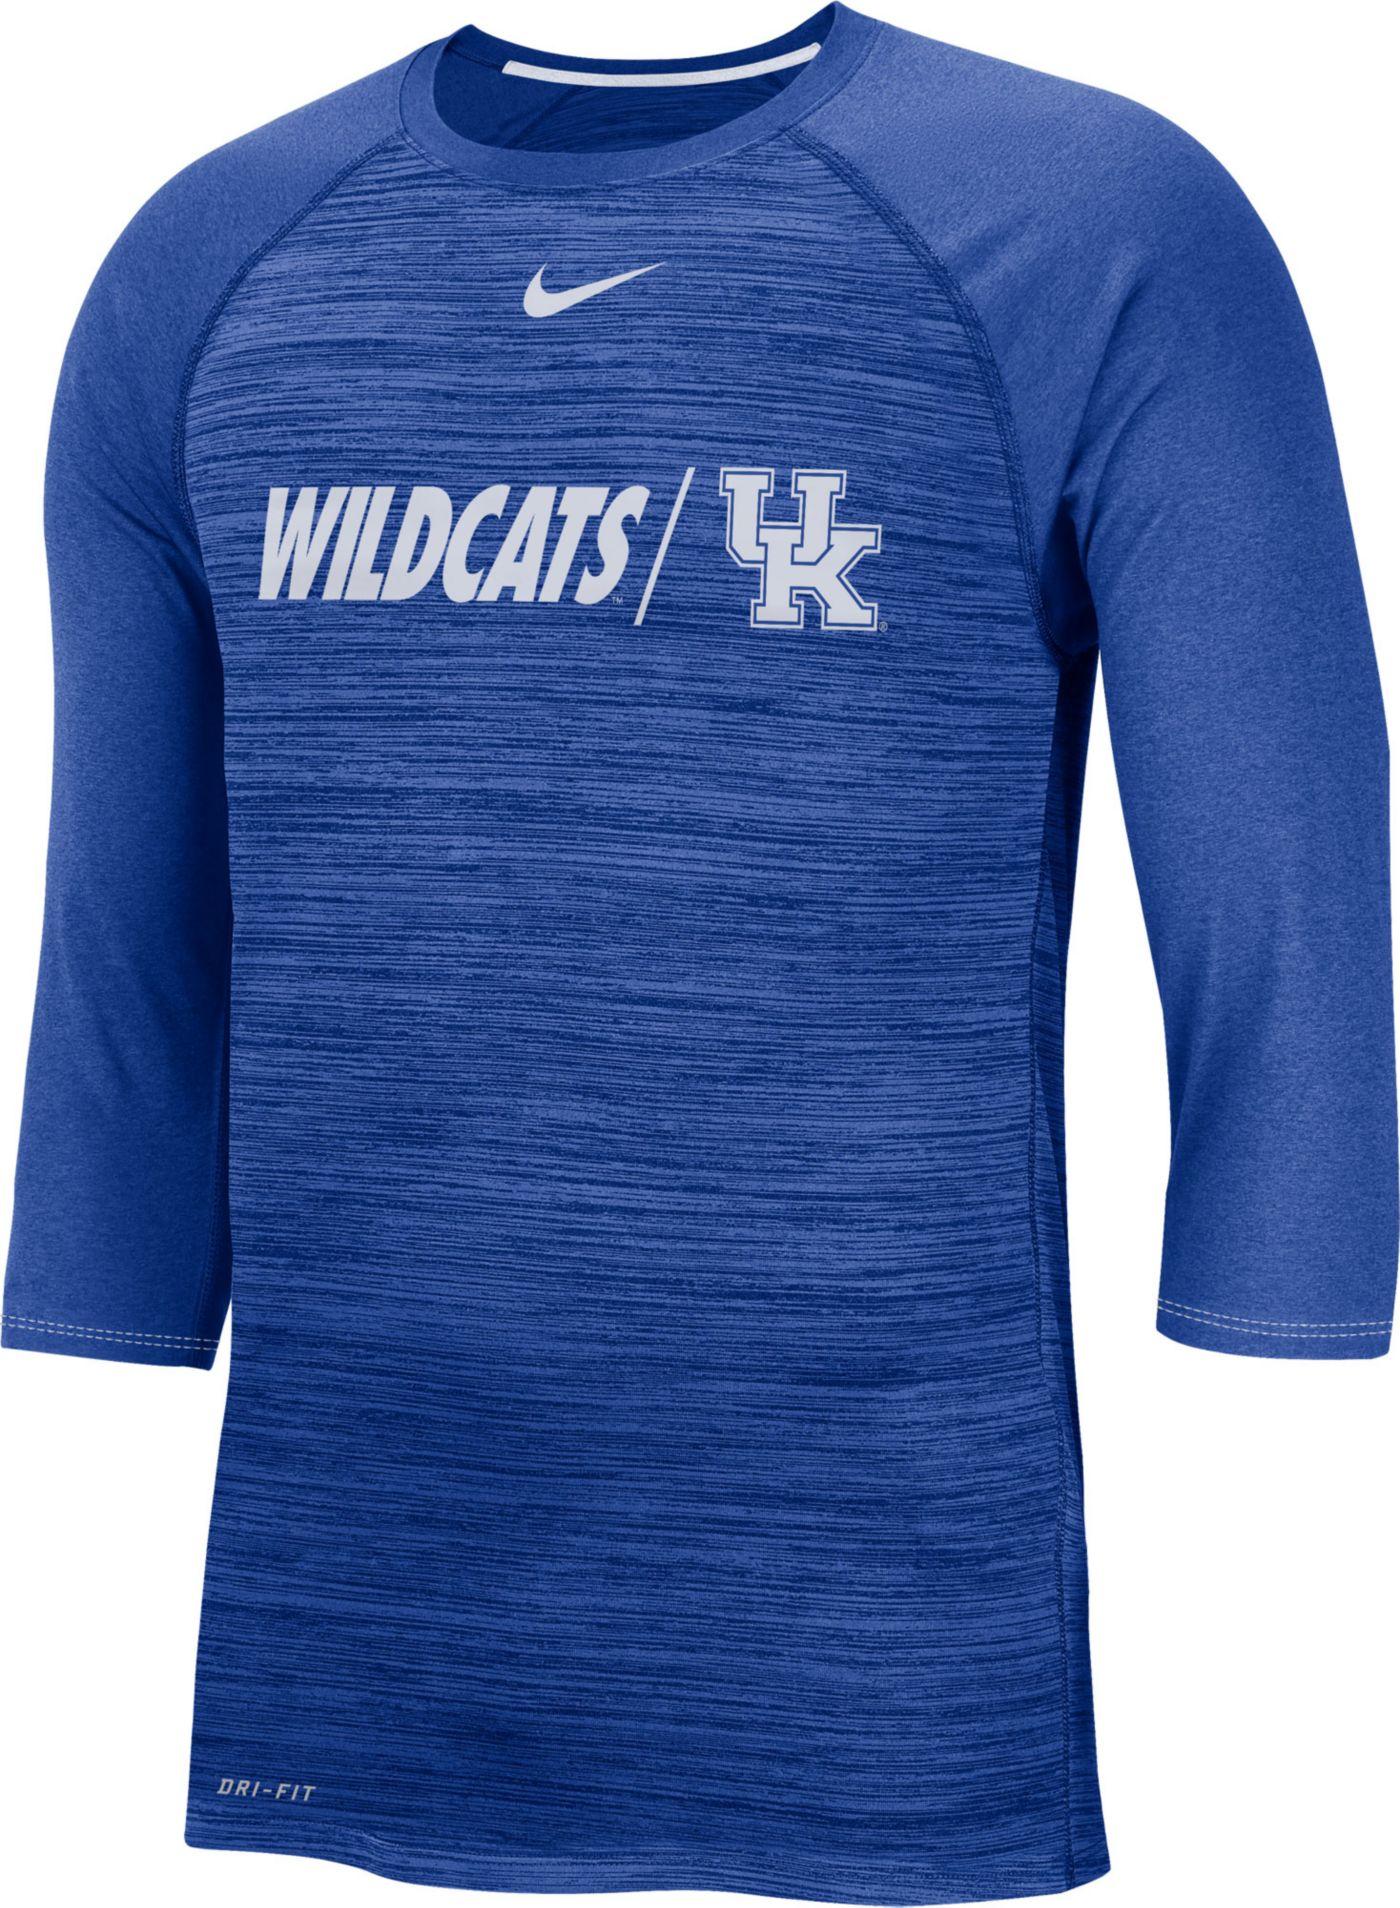 Nike Men's Kentucky Wildcats Blue Dry Legend 3/4 Sleeve T-Shirt